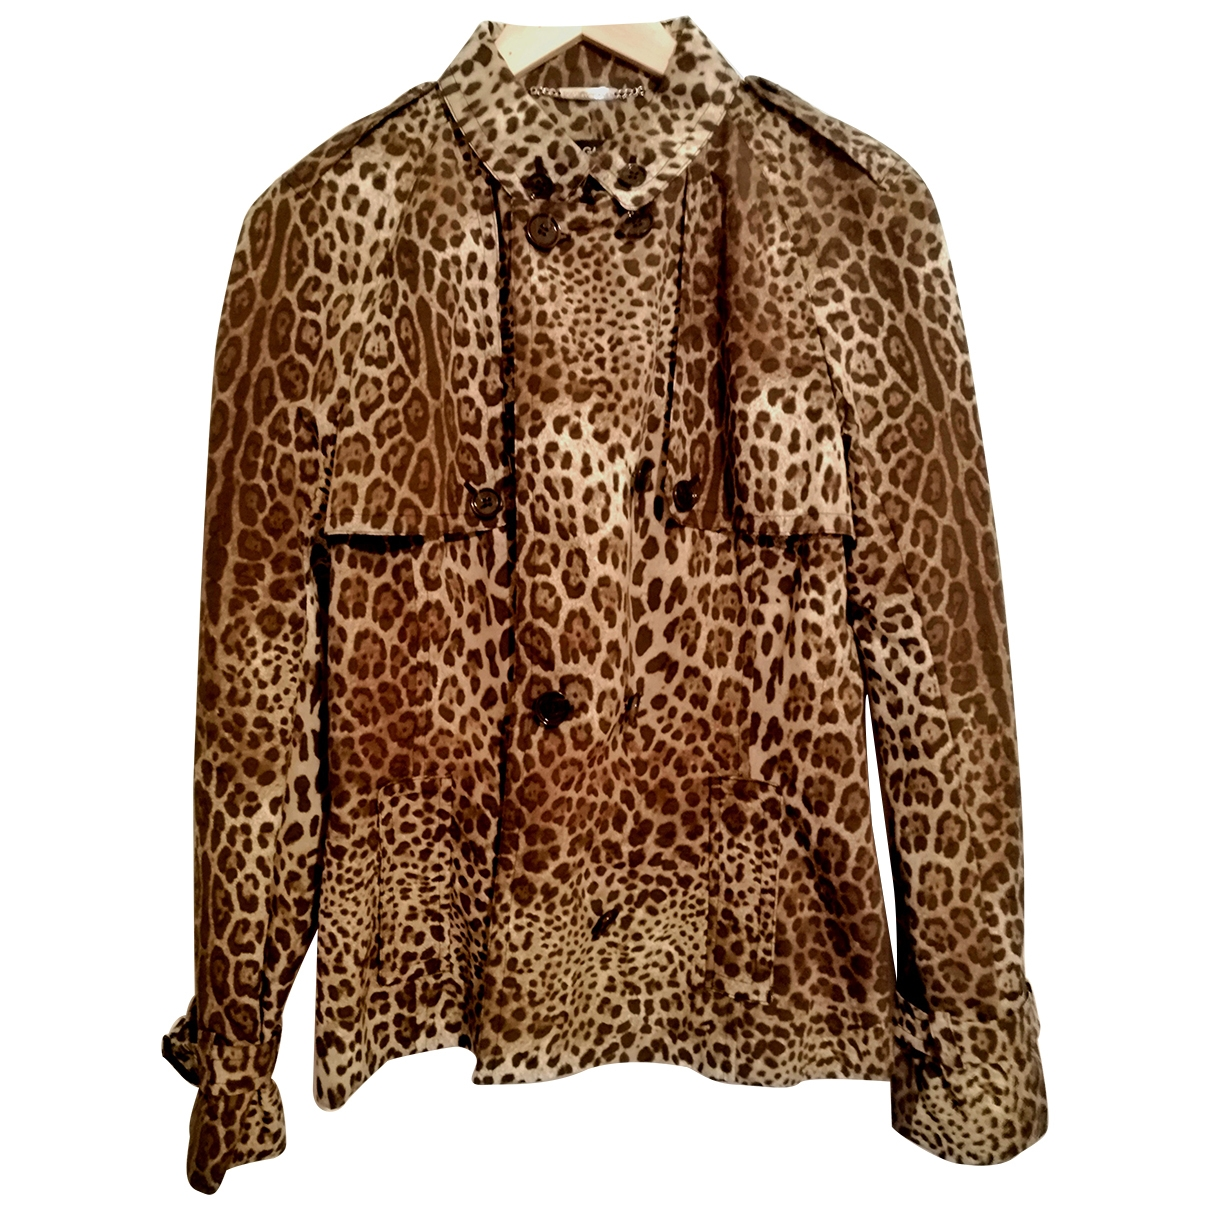 Dolce & Gabbana \N Jacke in  Bunt Synthetik